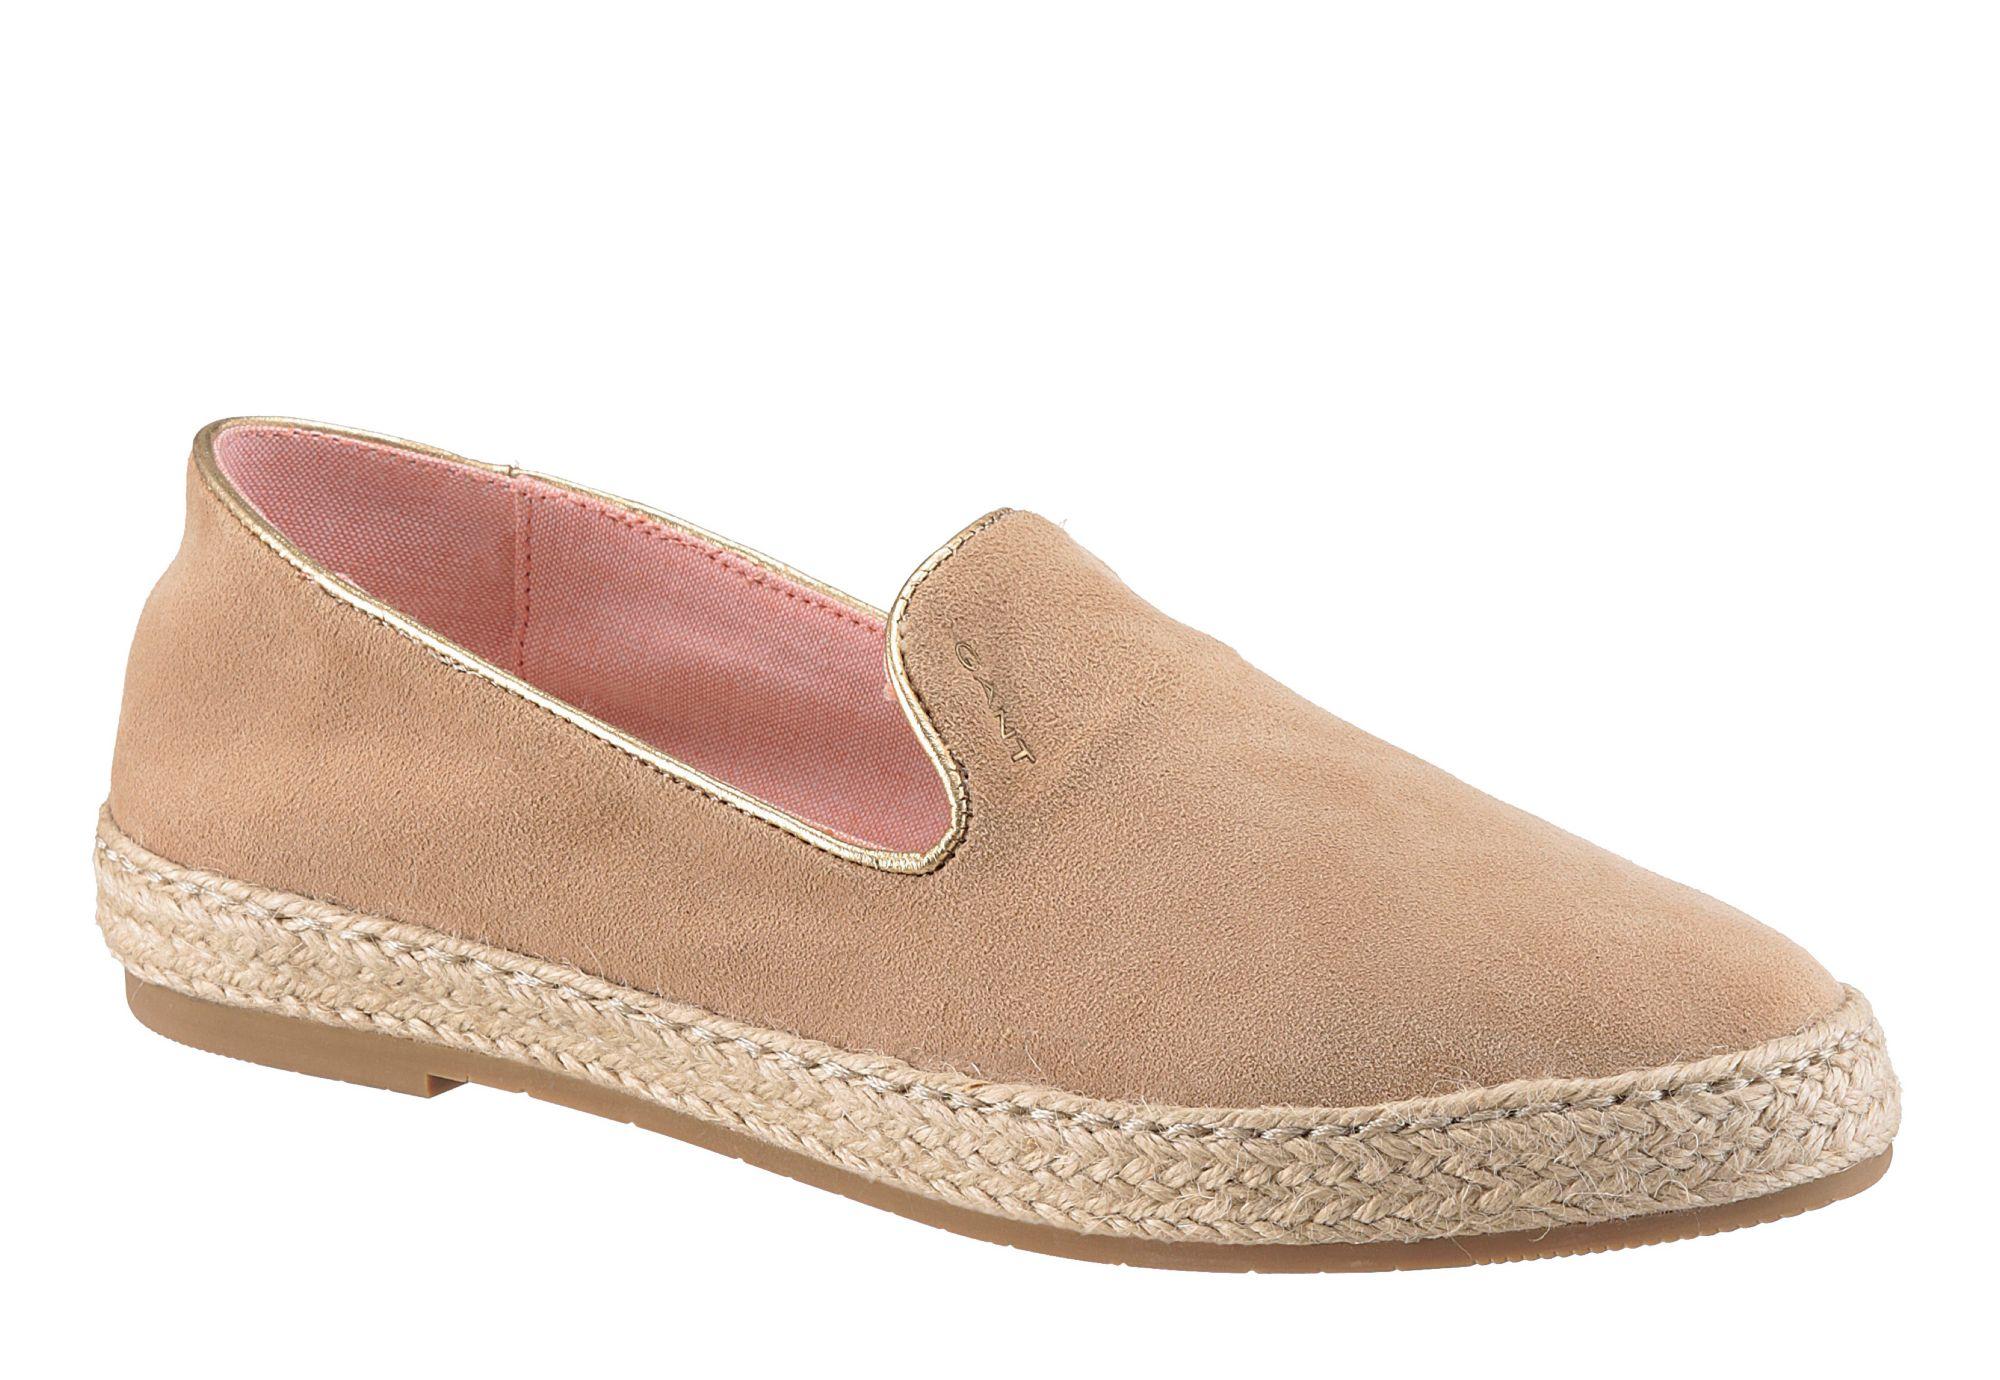 GANT FOOTWEAR Gant Footwear Loafer